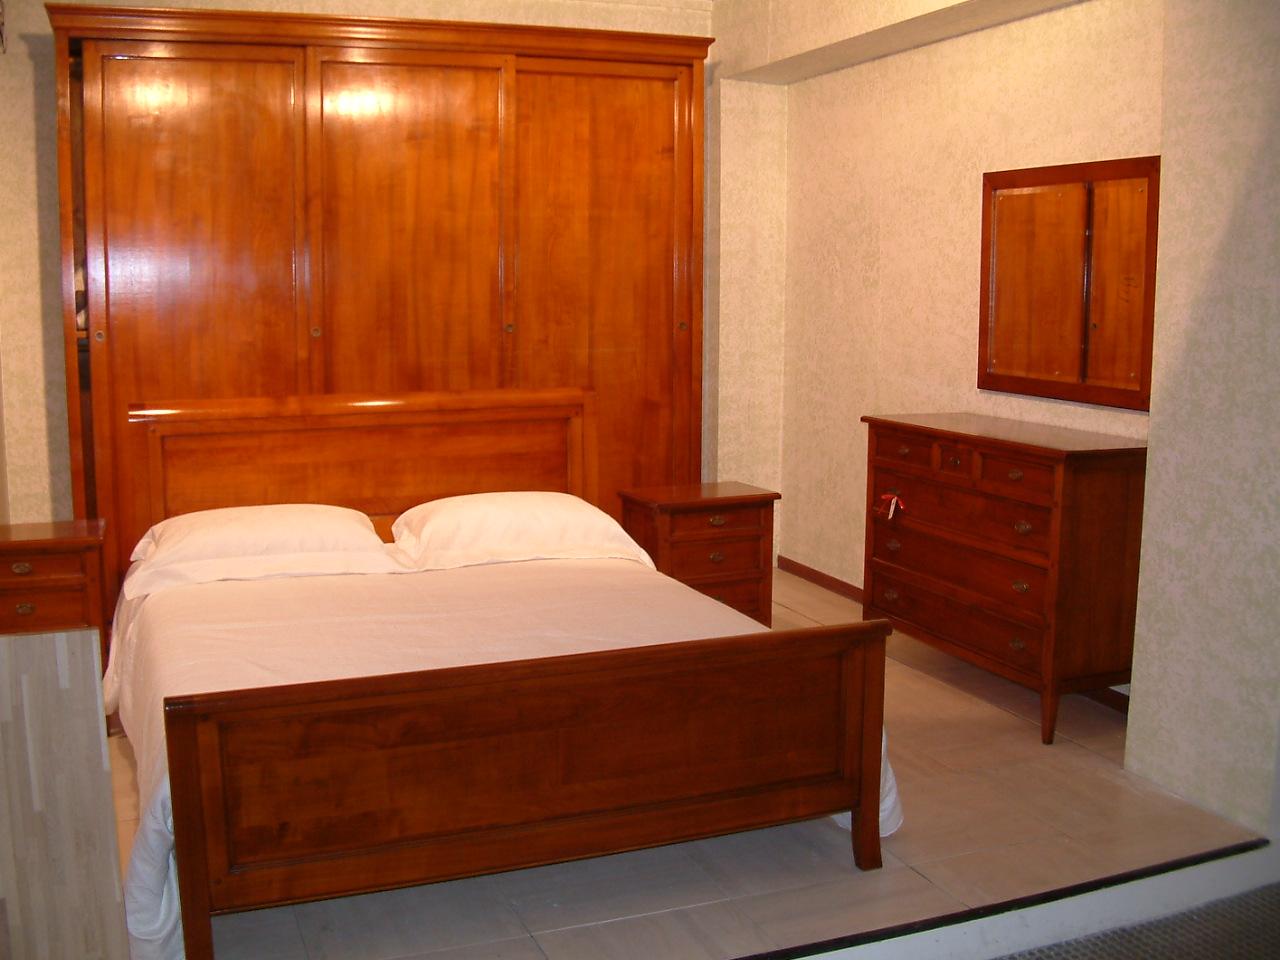 Luben camere da letto for Camere da letto verona